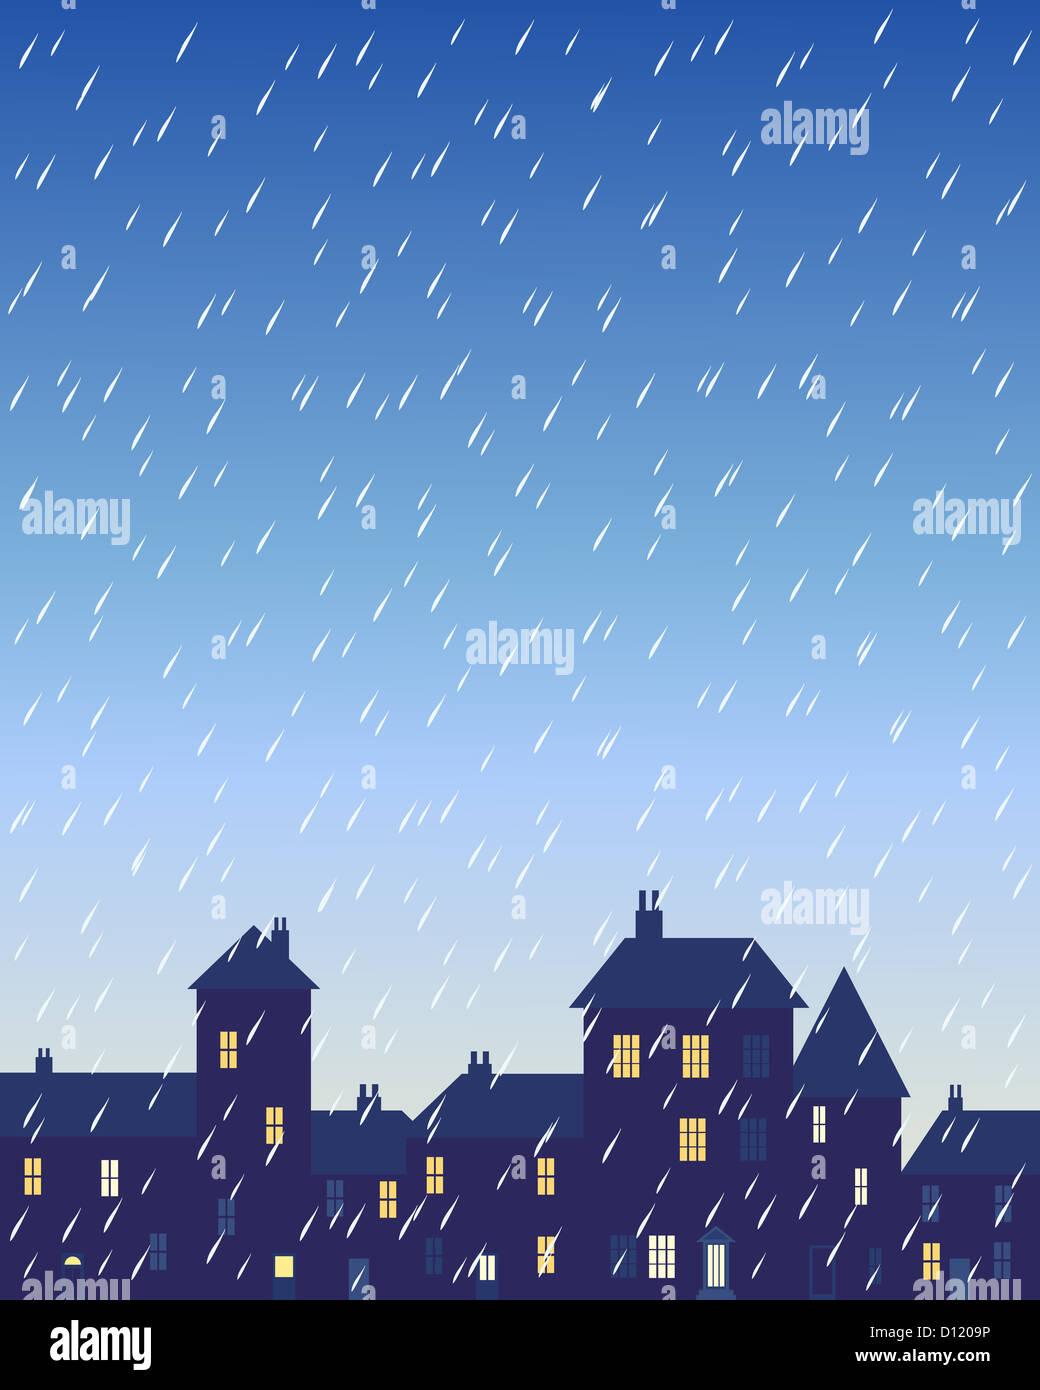 Uma ilustração de um dia chuvoso em uma cidade com várias formas de edifícios e casas com janelas iluminadas sob Foto de Stock